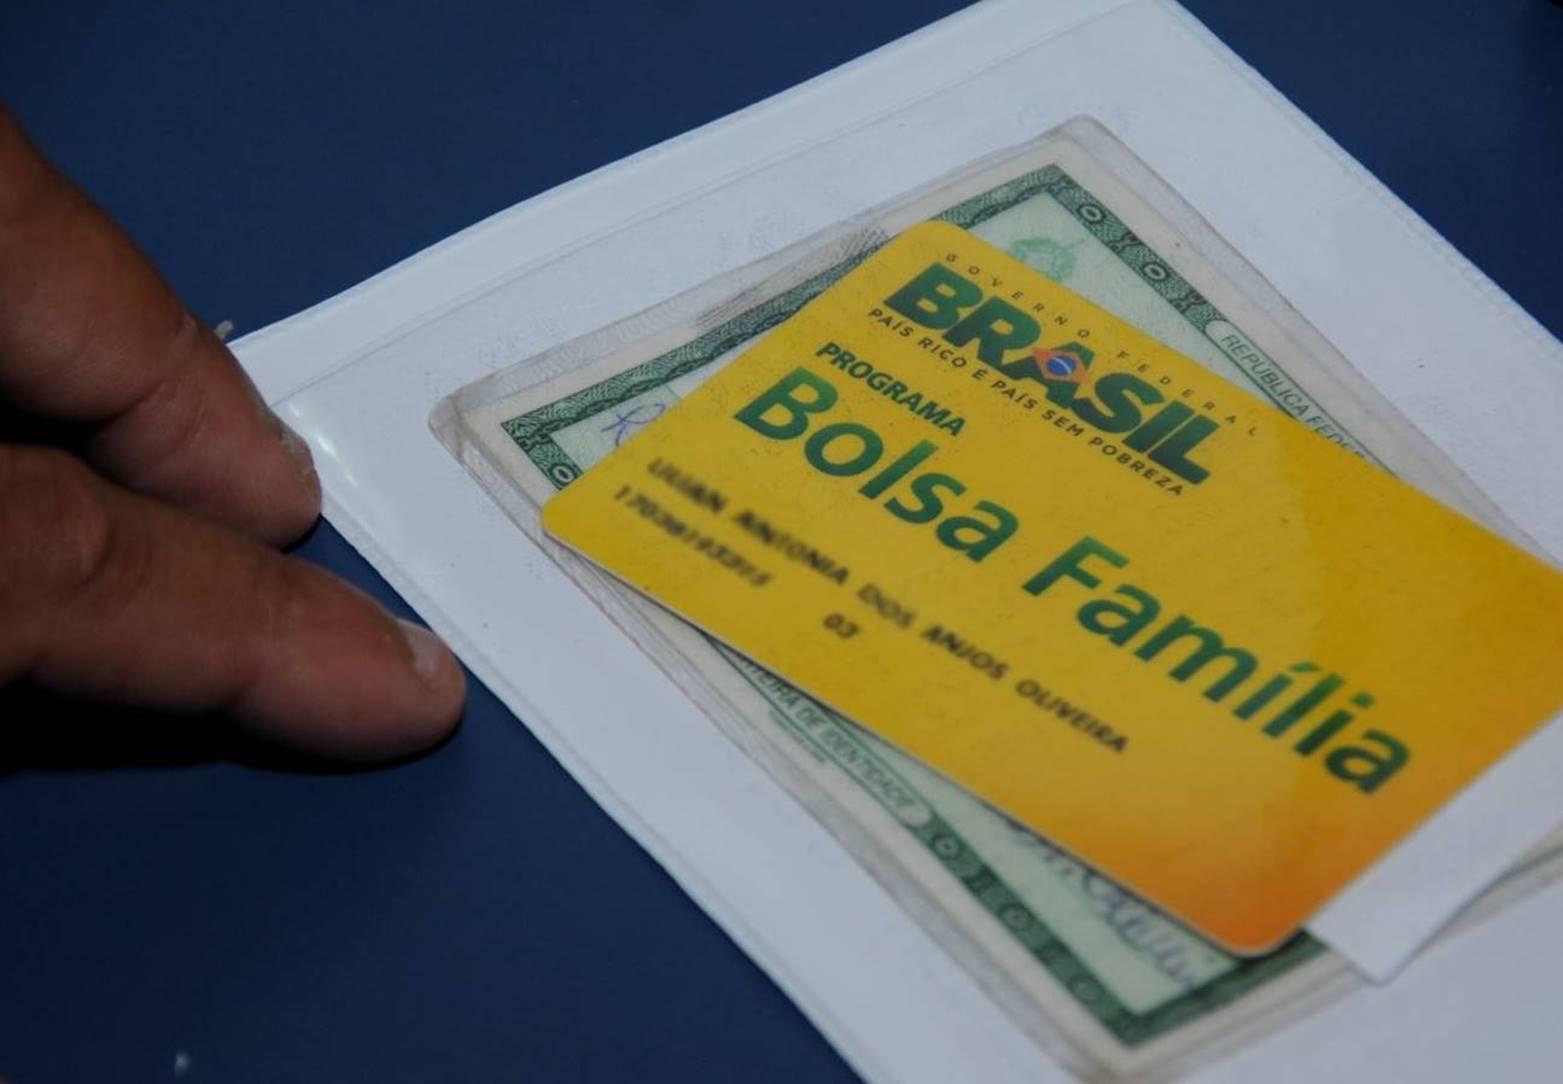 Valor Decimo Terceiro (13º) Bolsa Família: Divulgada tabela com valor do pagamento